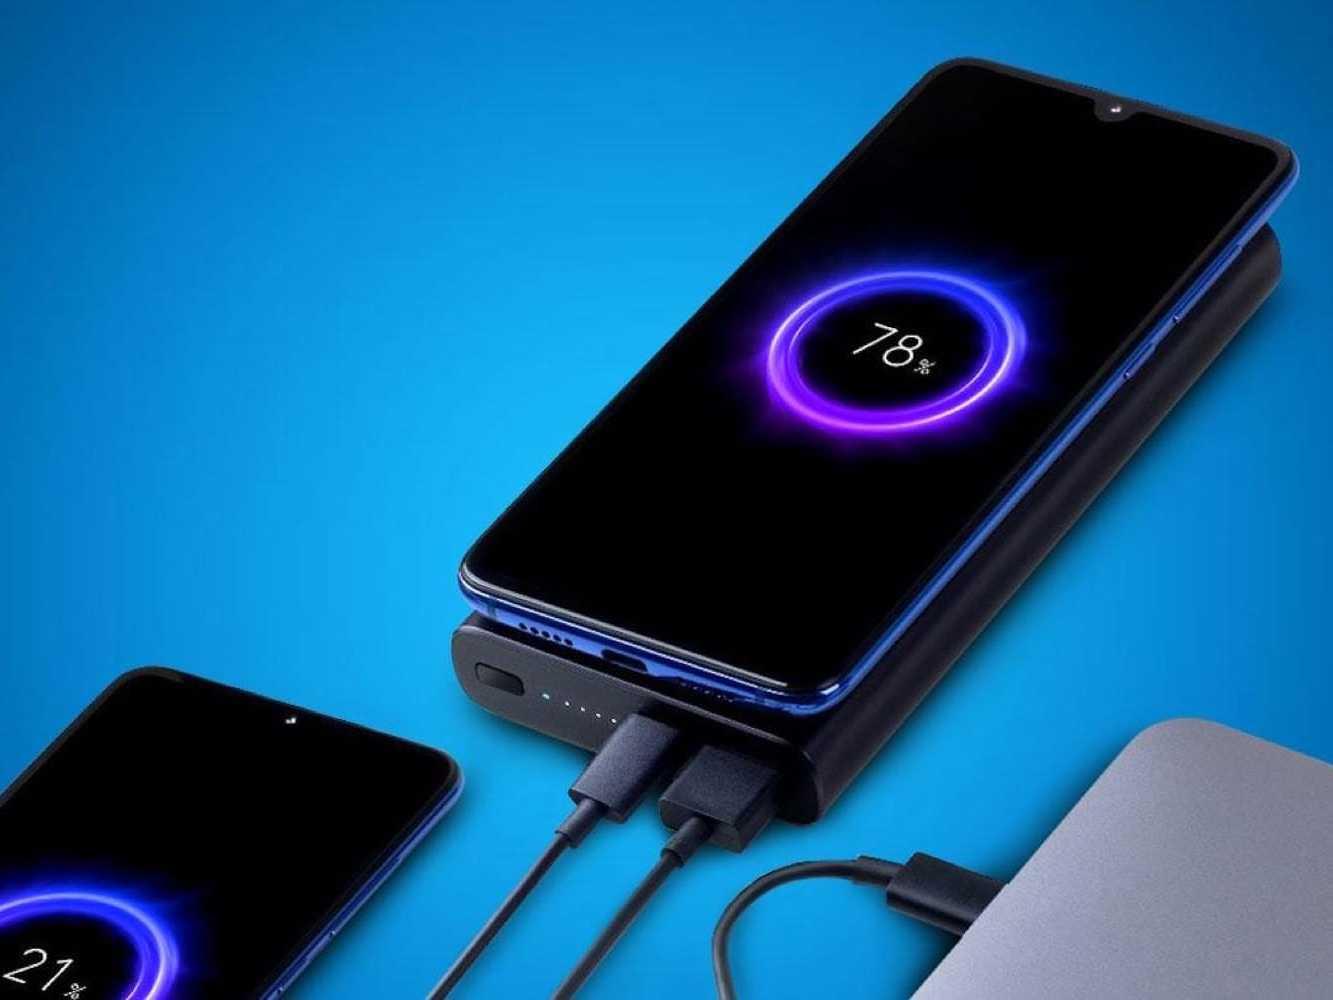 Новая беспроводная зарядка xiaomi гениальна. клади куда хочешь! уже хочу такую